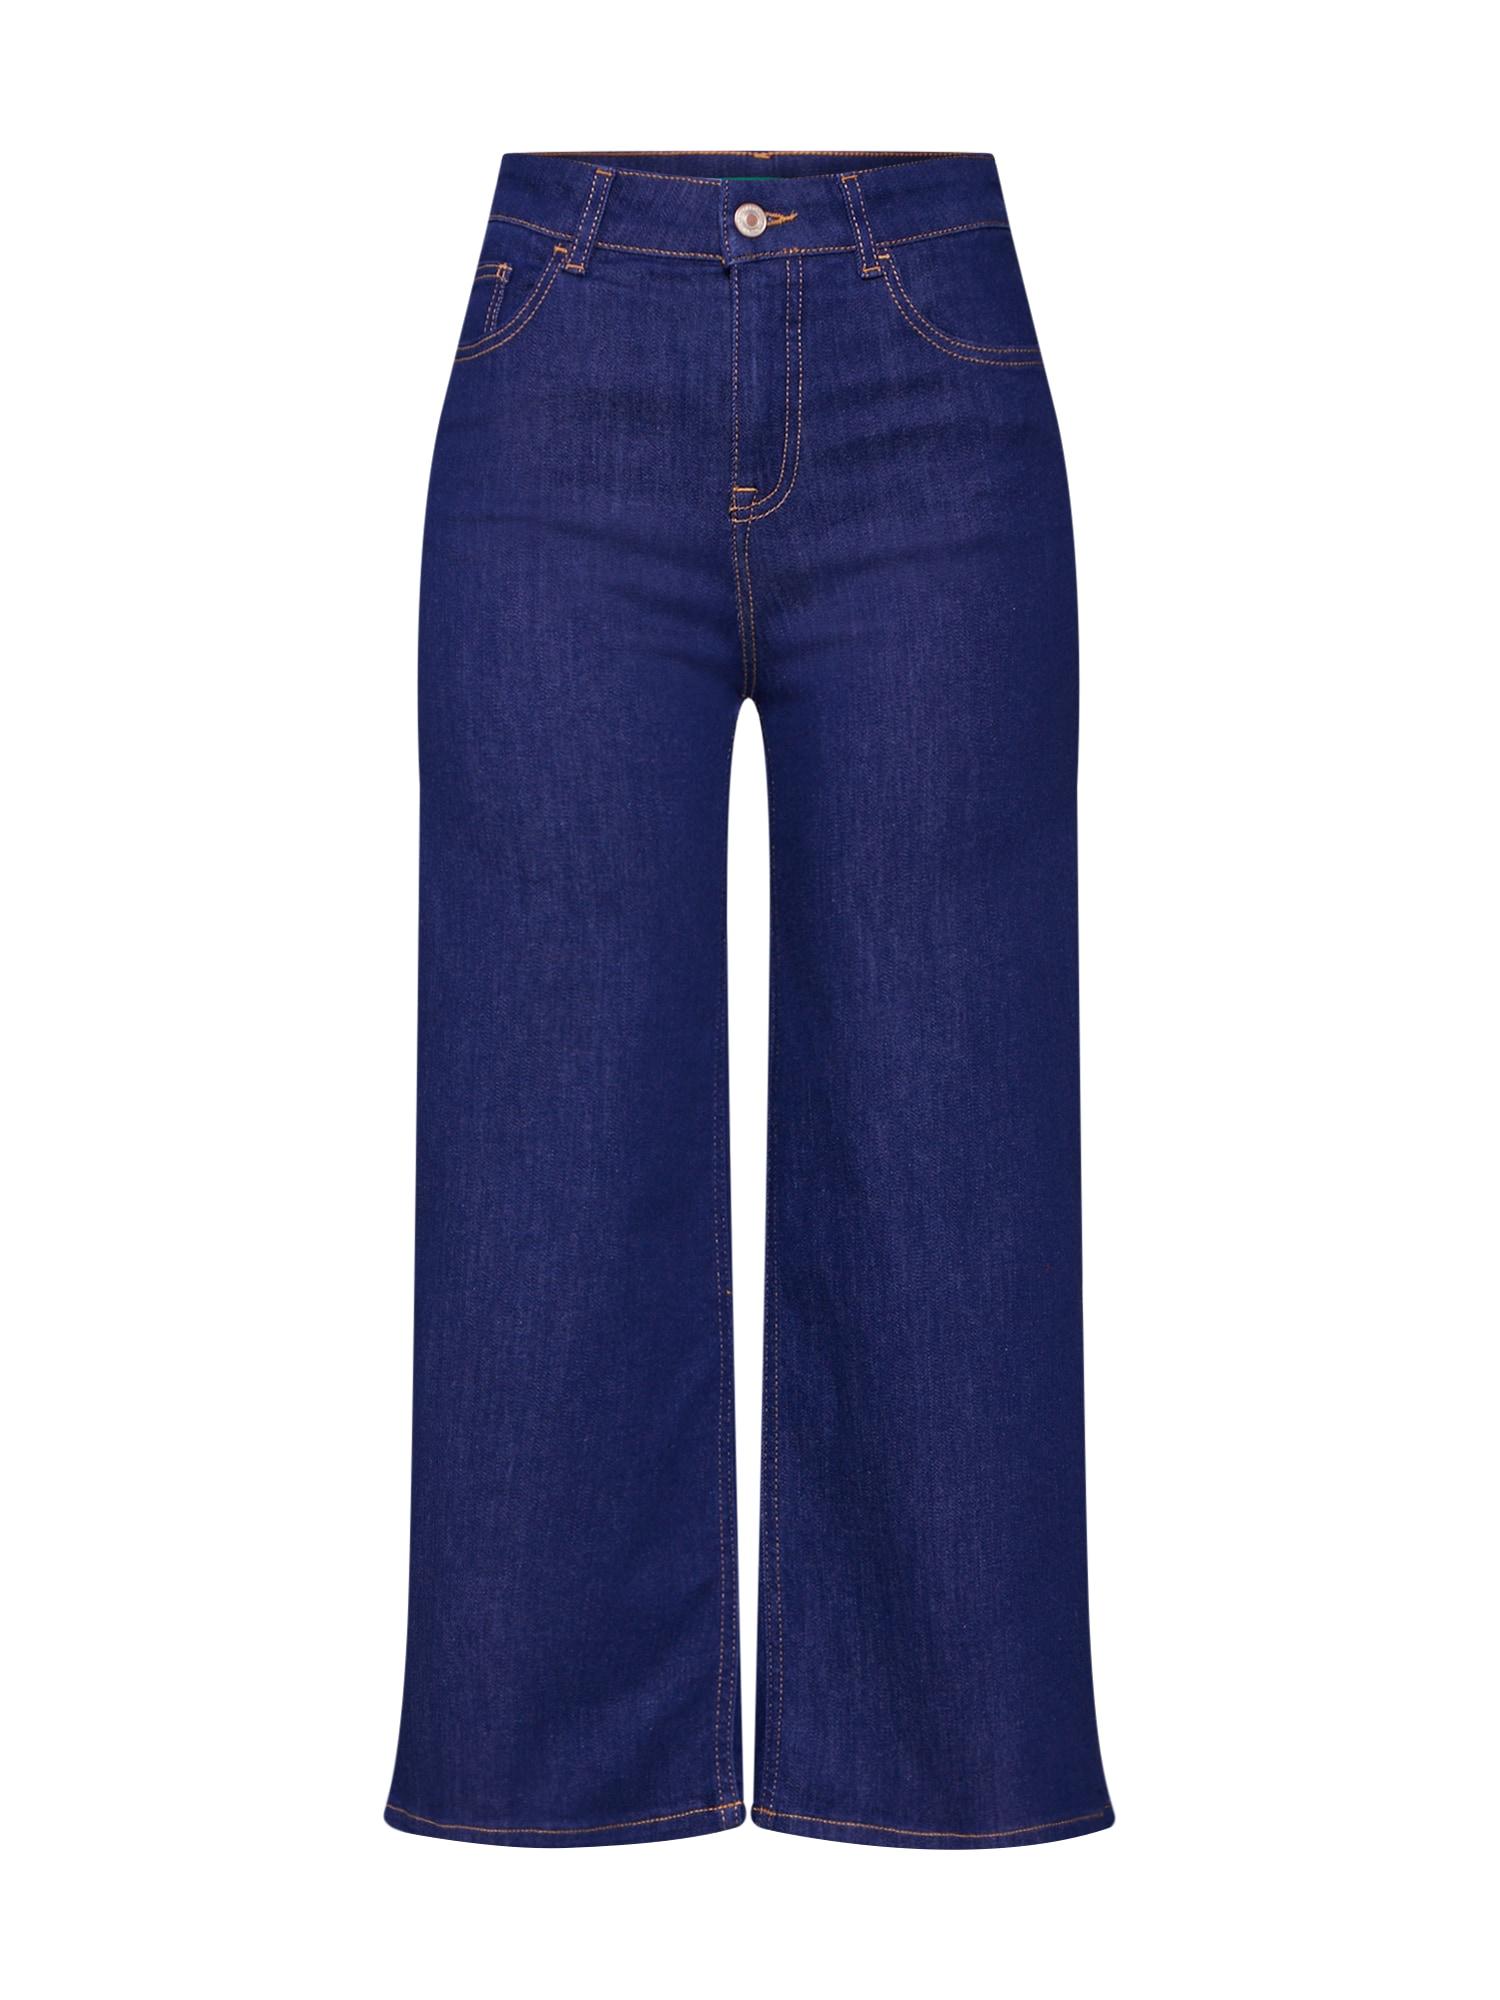 UNITED COLORS OF BENETTON Džinsai tamsiai (džinso) mėlyna